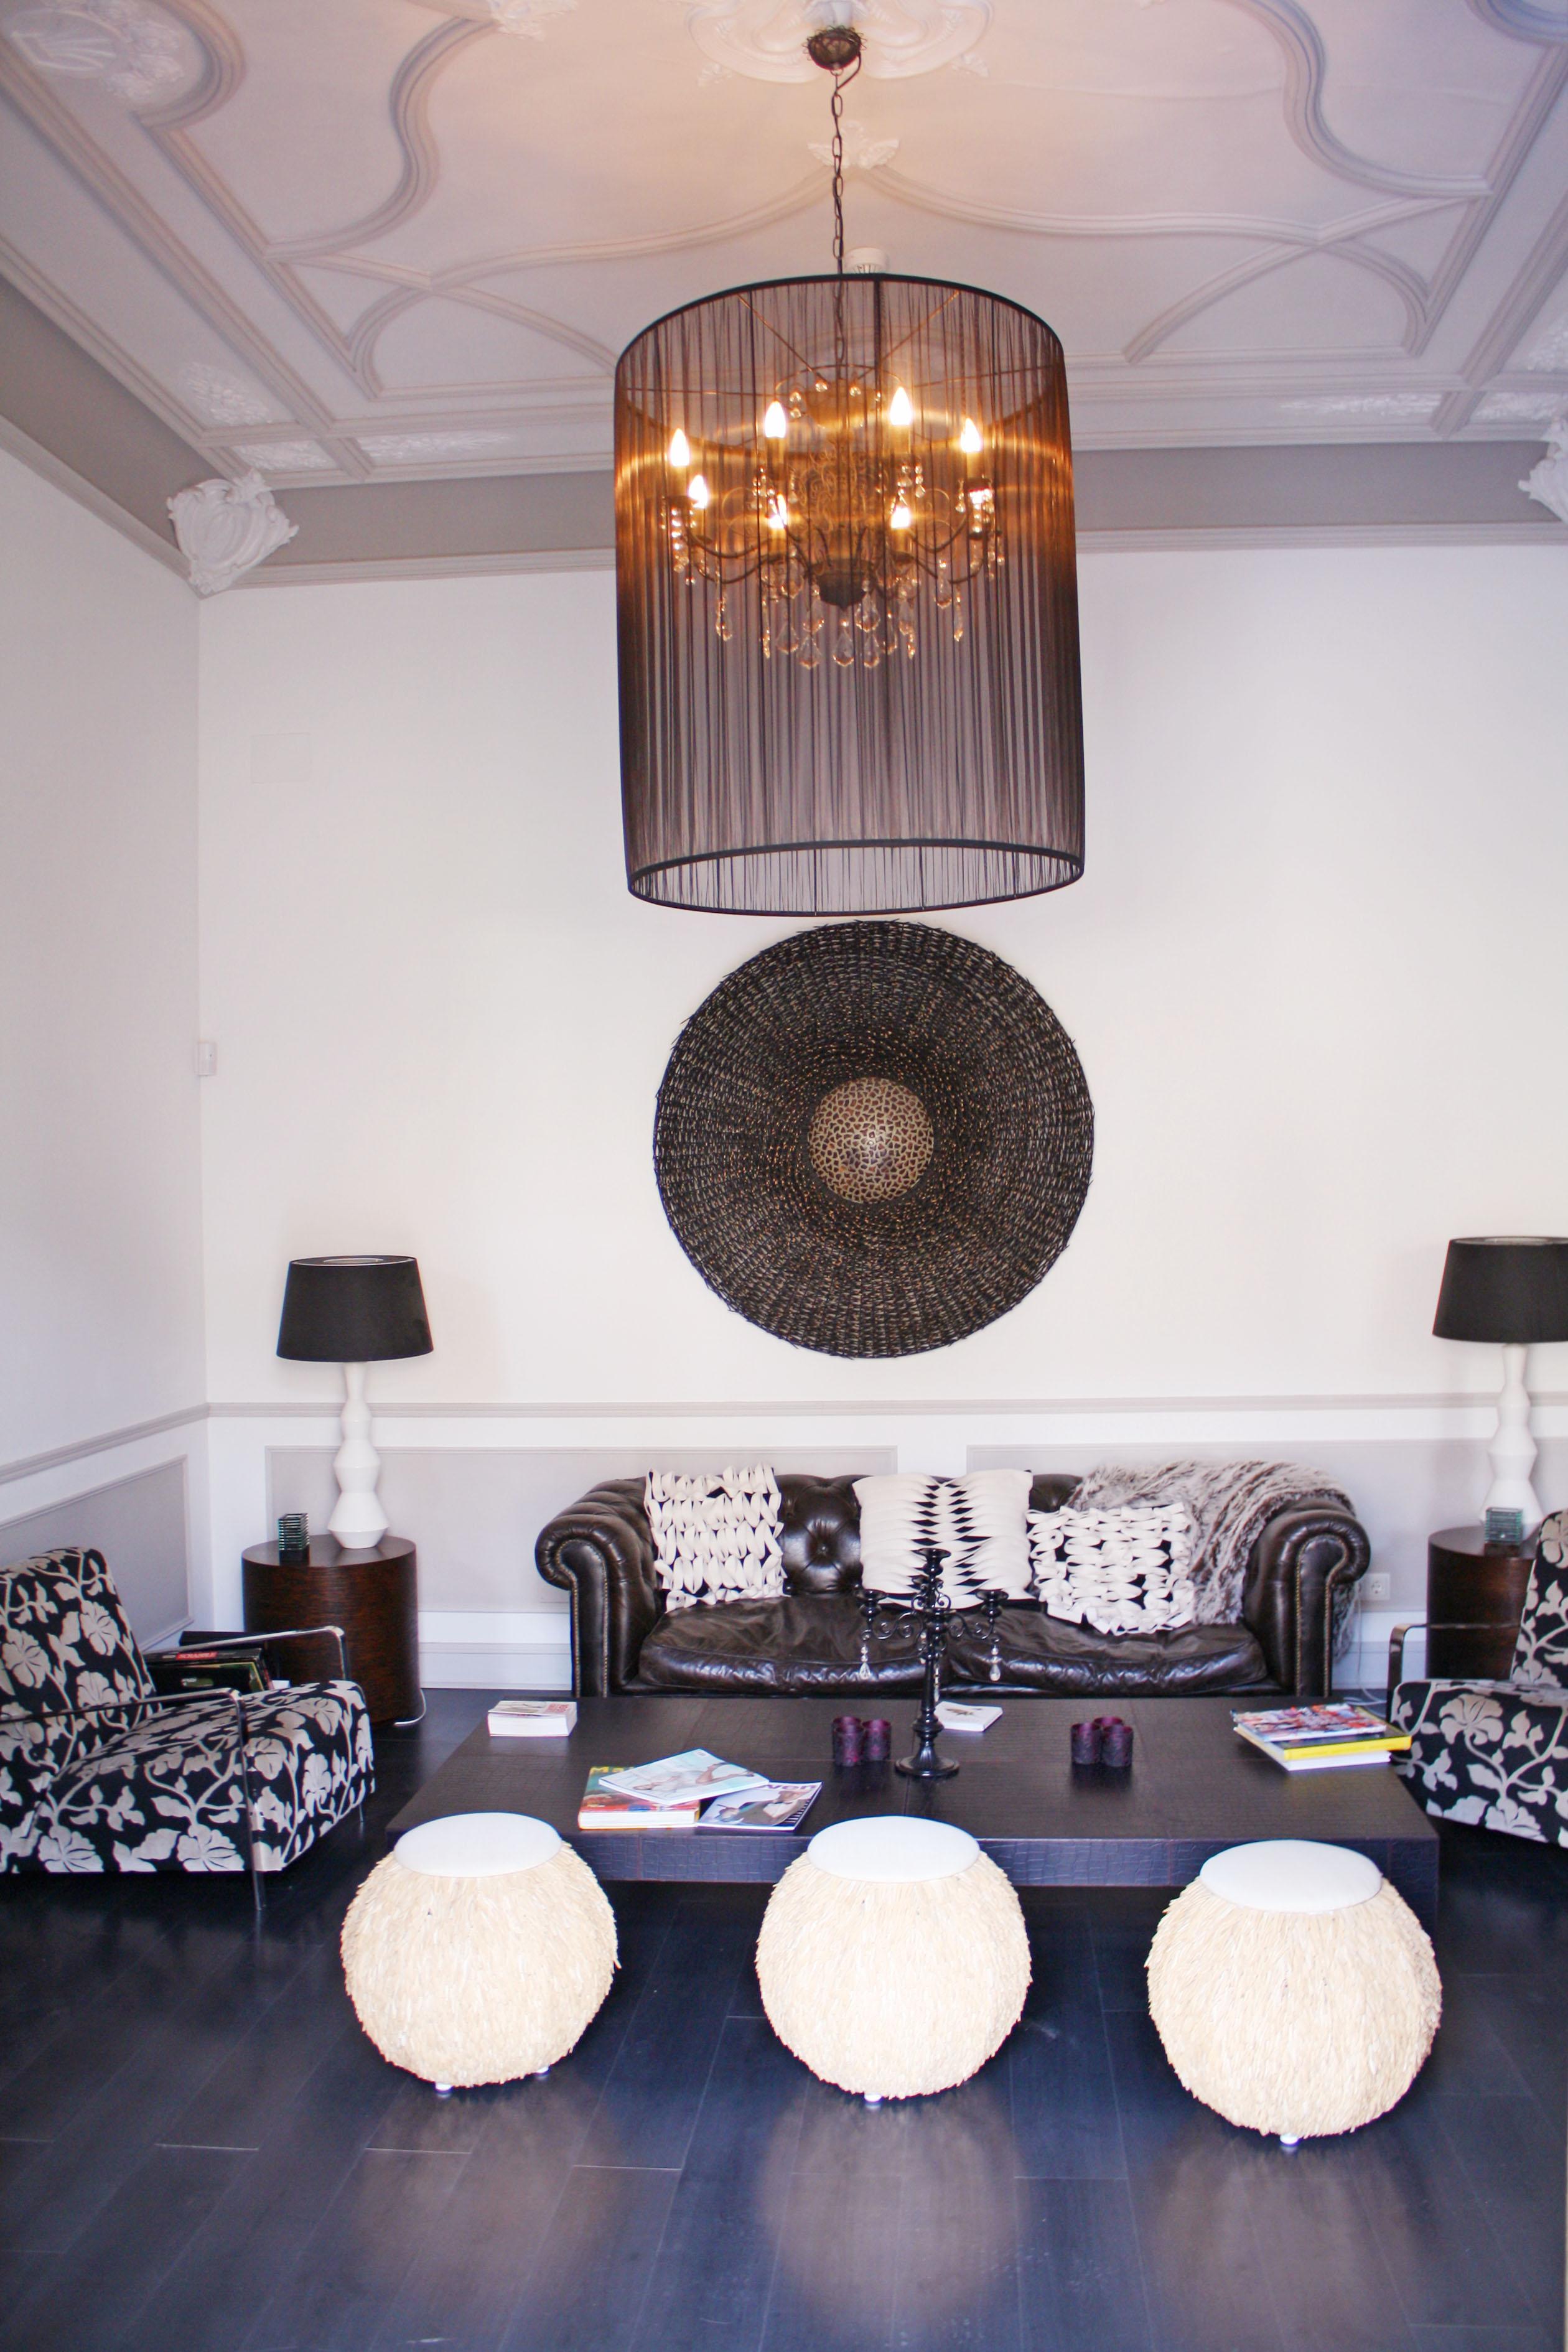 Huis en inrichting steeds belangrijker - Deco modern huis ...